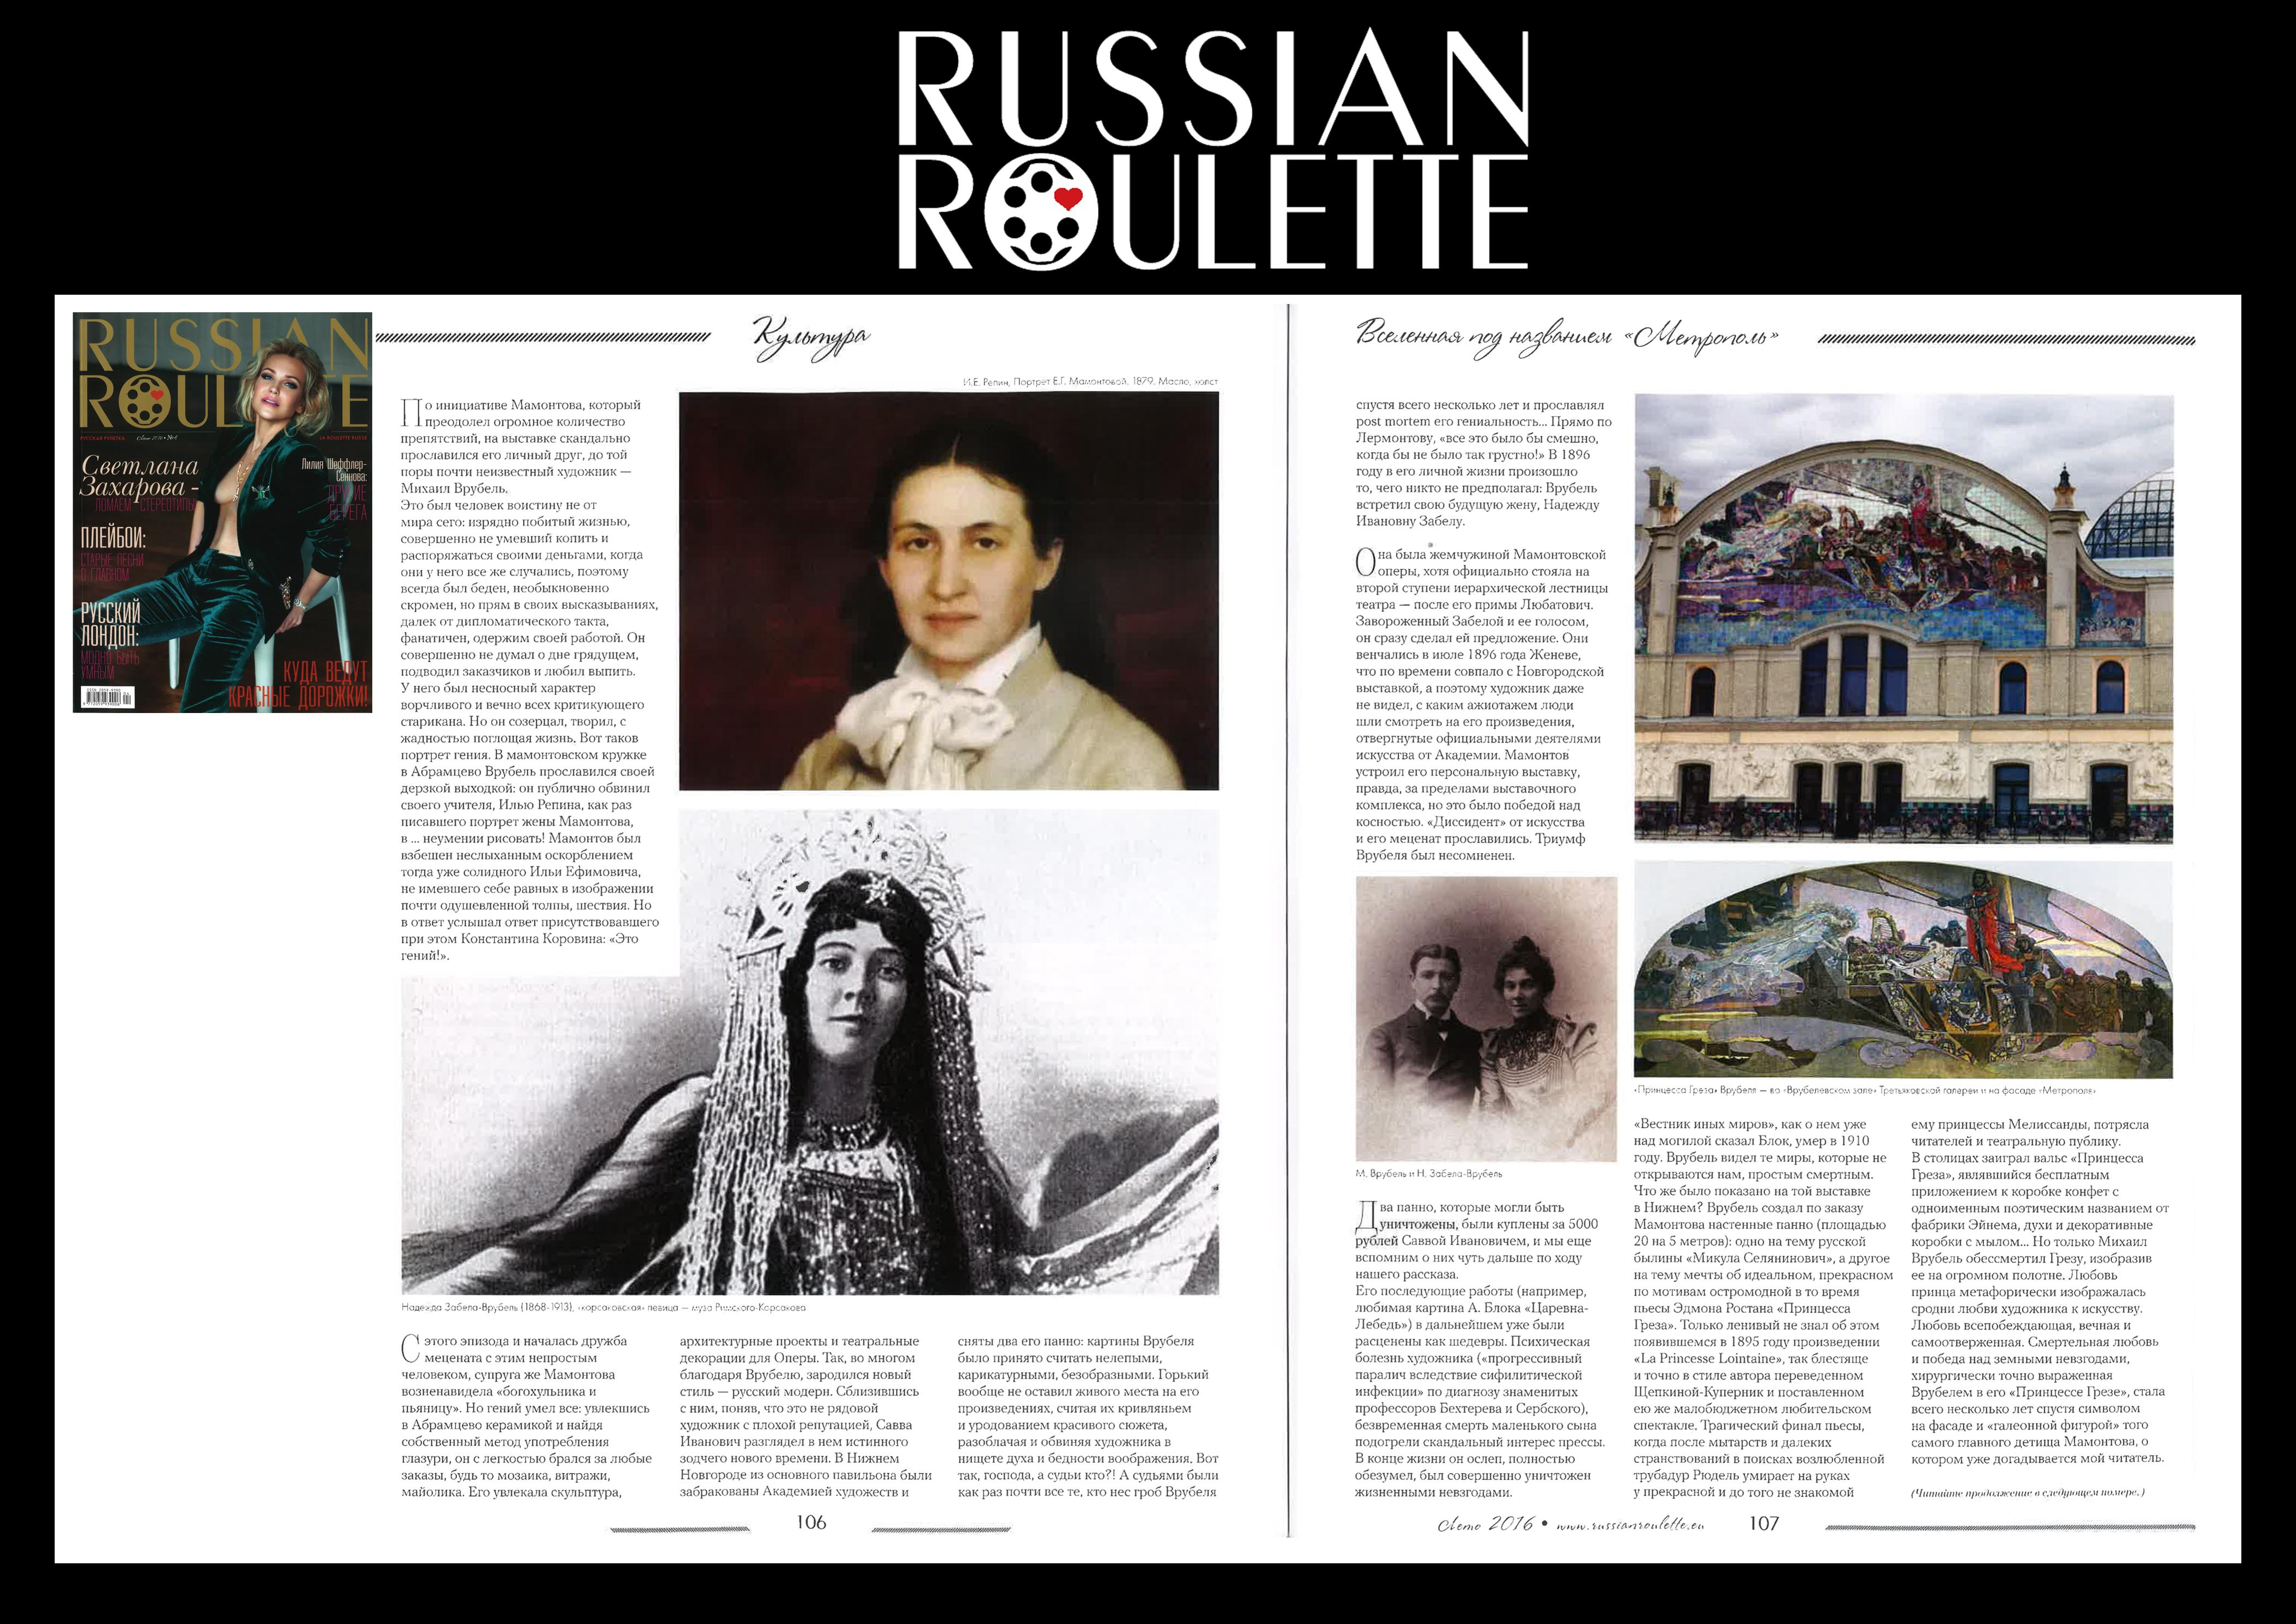 RUSSIAN ROULETTE METROPOLE 1 -2